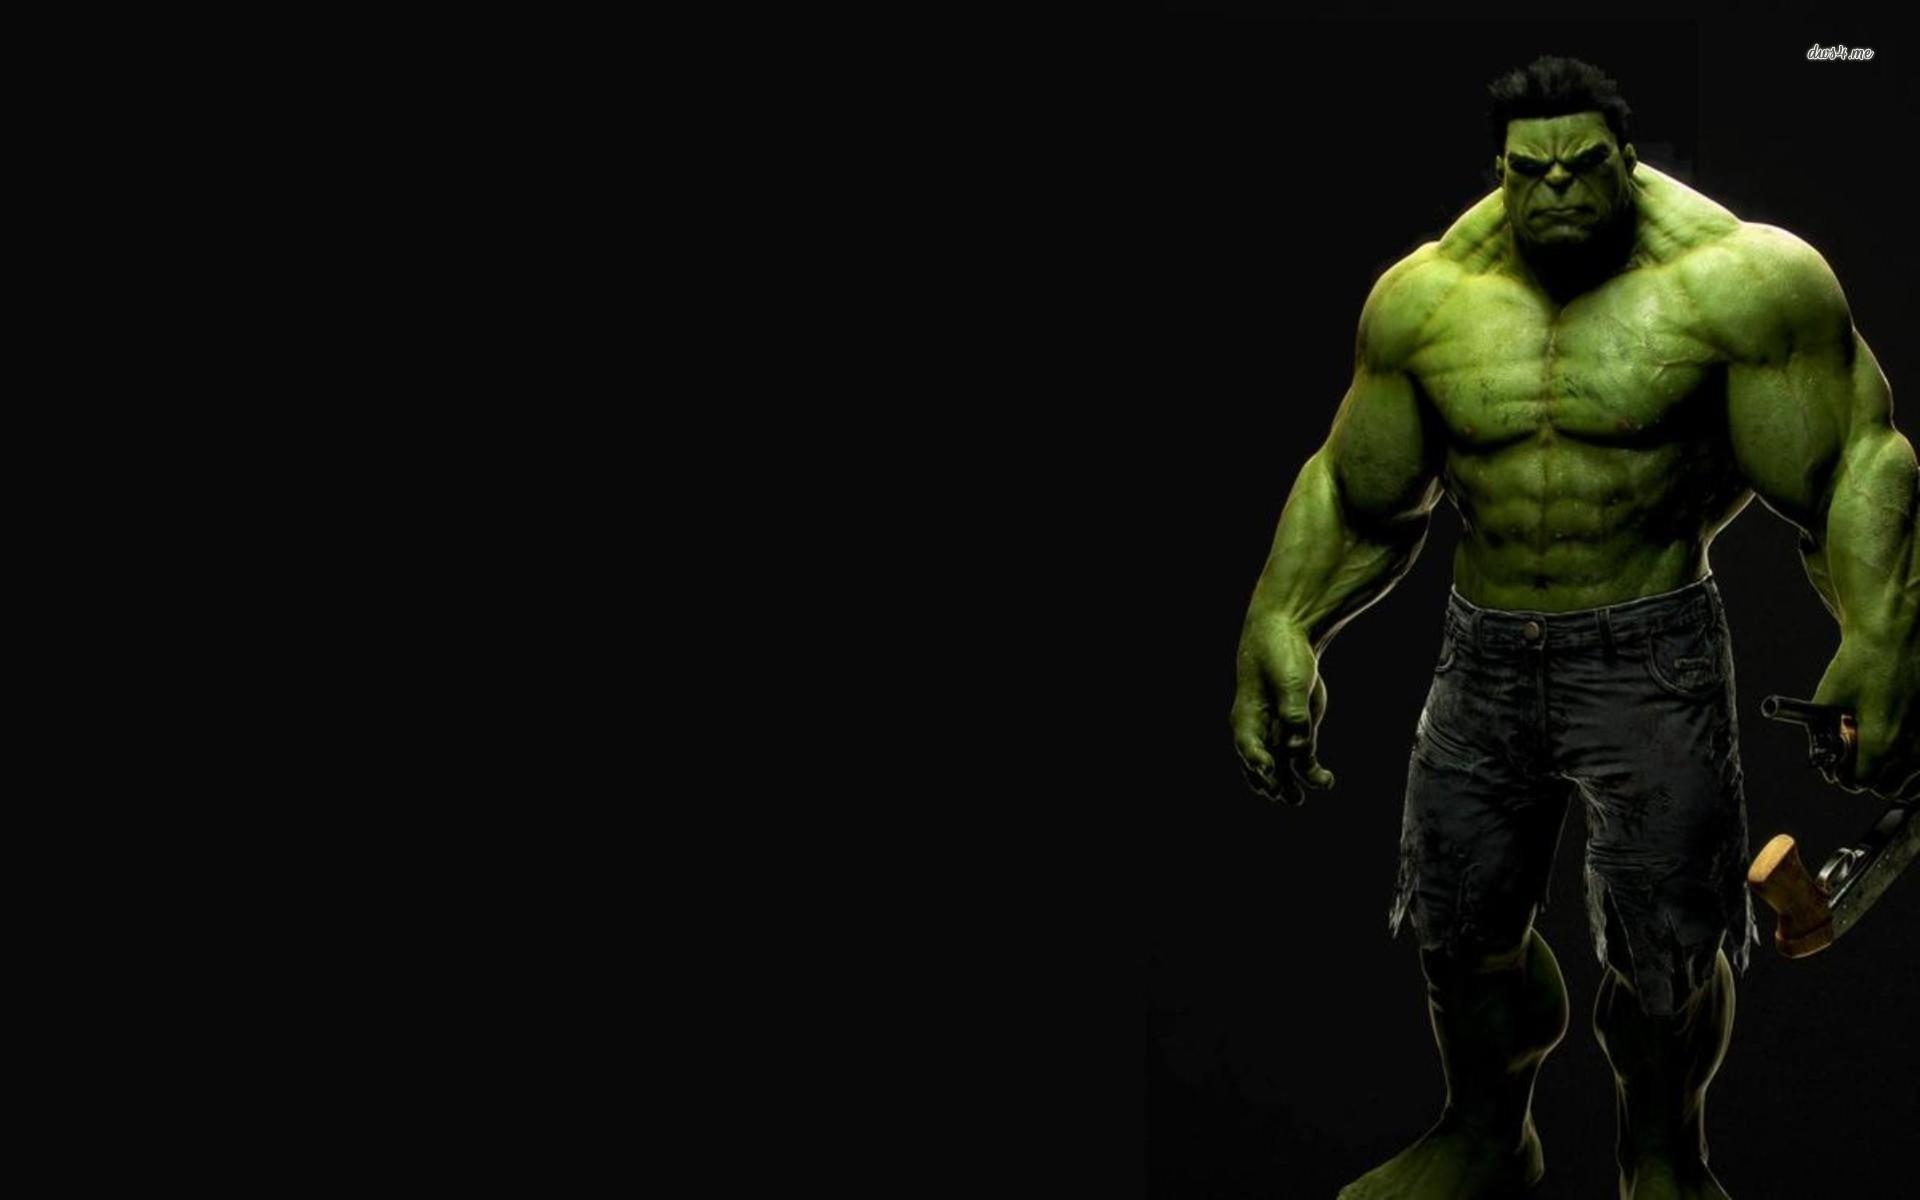 Hulk Wallpaper 1920x1200